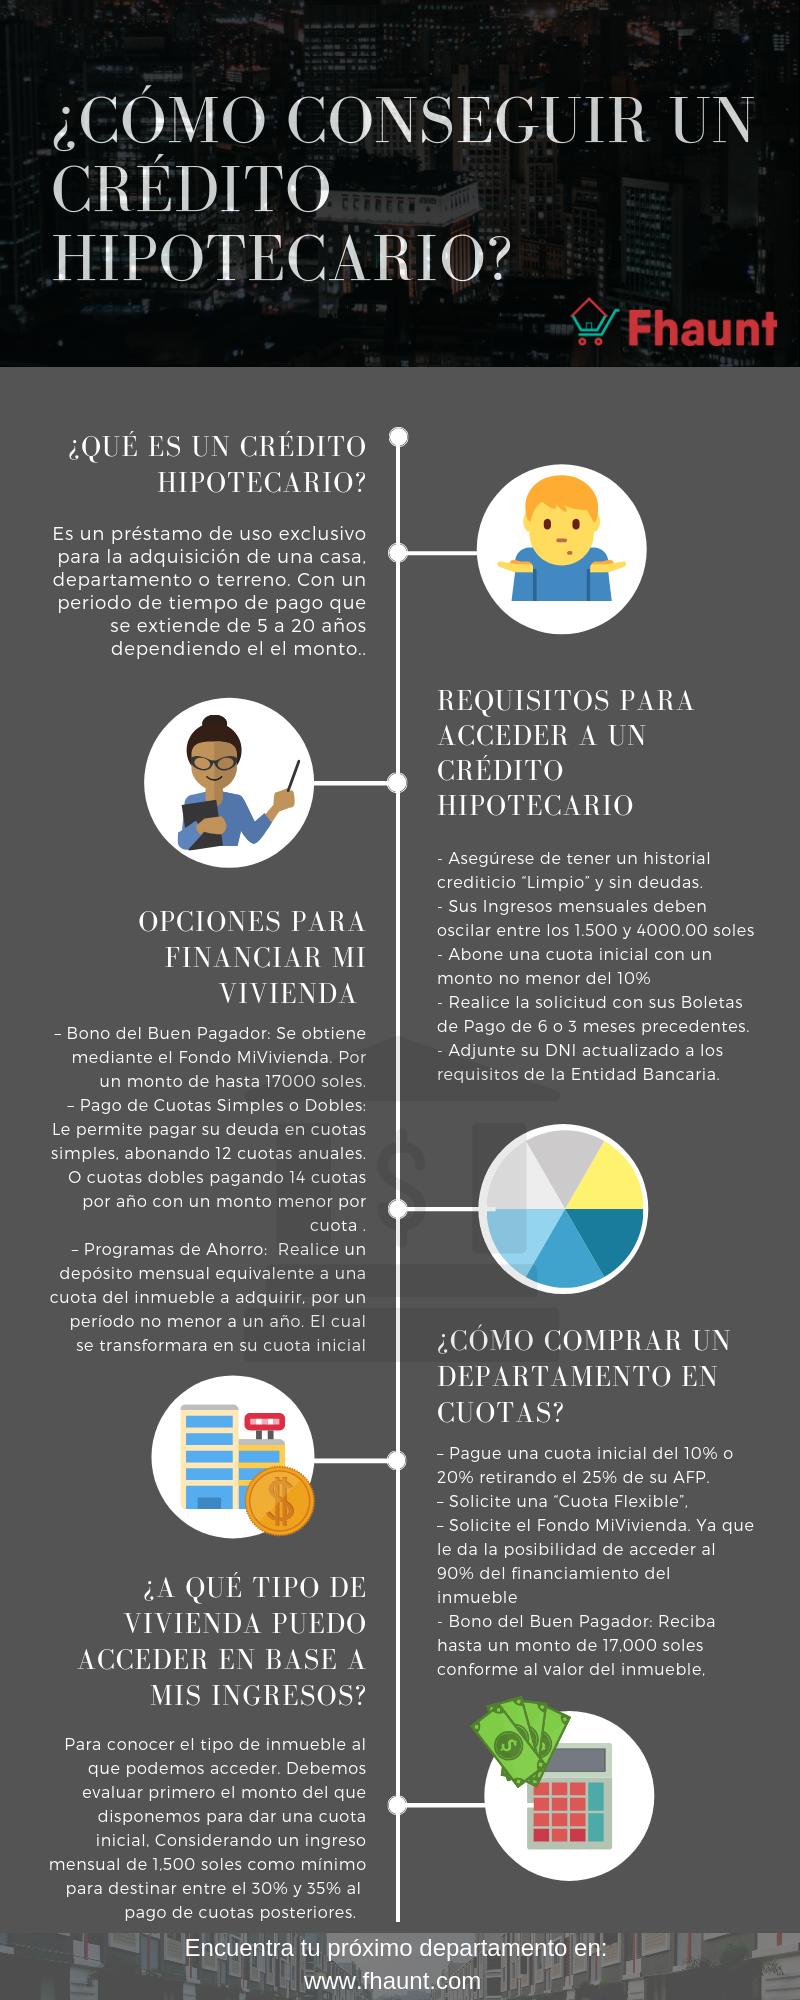 Infografia sobre ¿Cómo conseguir un Crédito Hipotecario para una Casa o Departamento?